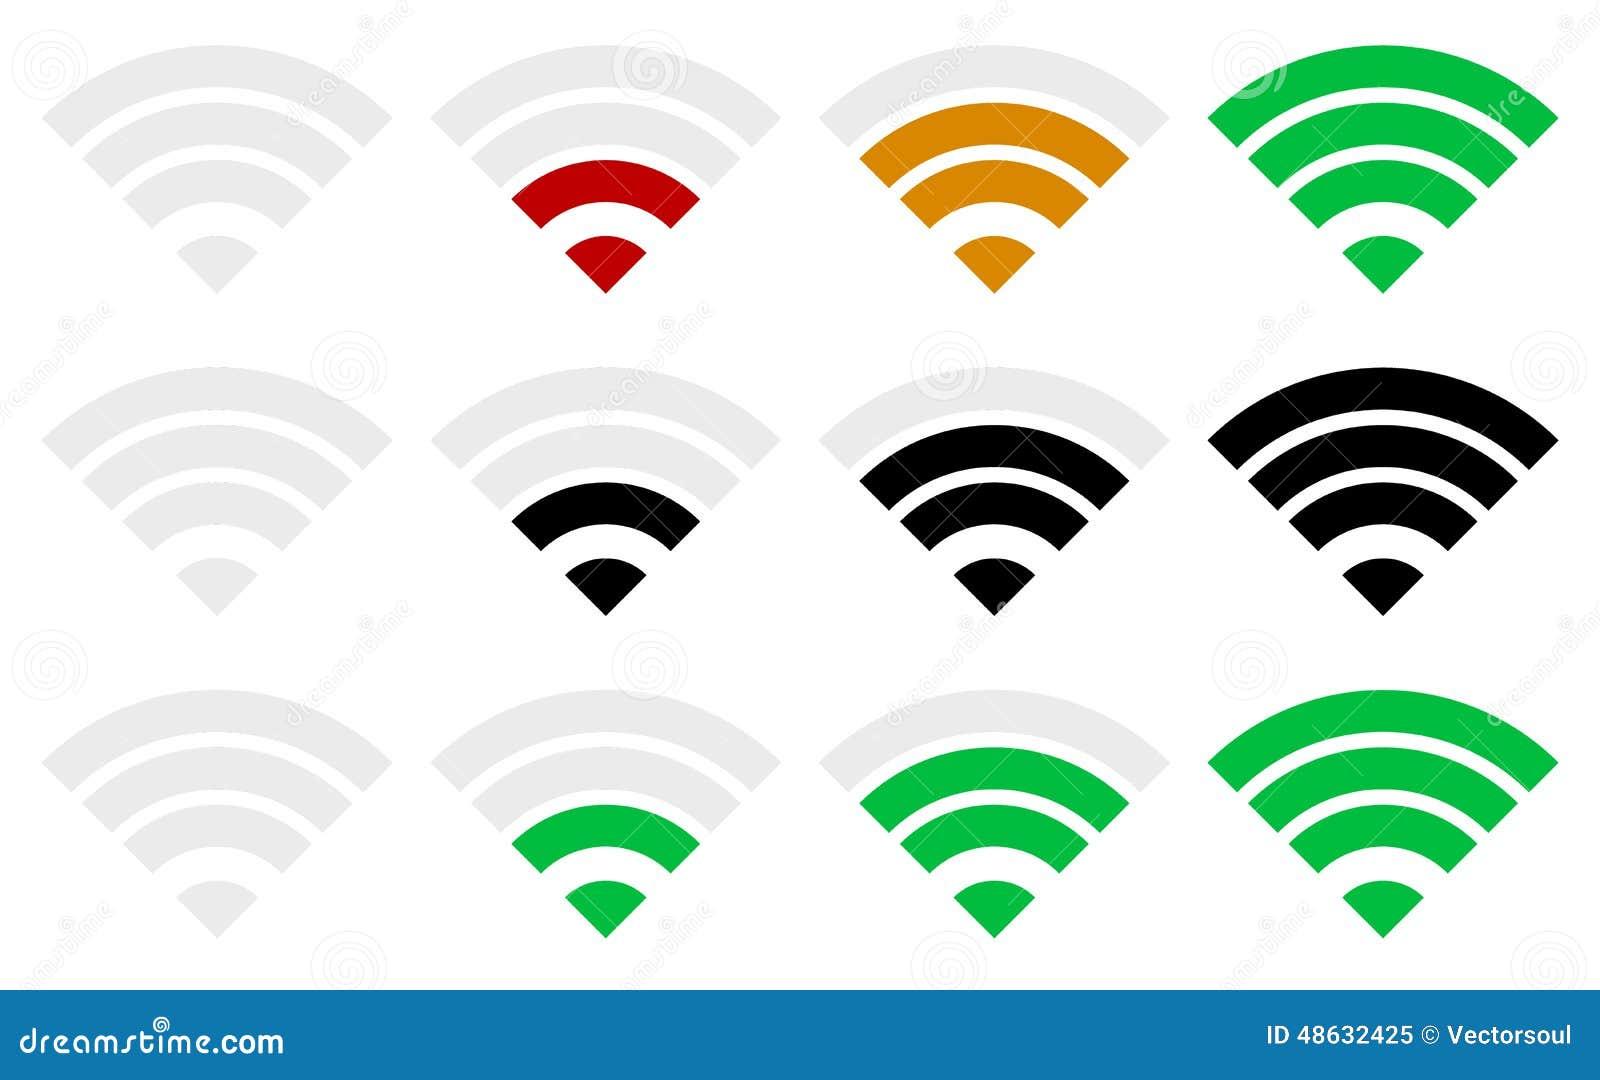 Plantilla del indicador de la fuerza de señal Wi-Fi, conexión inalámbrica,